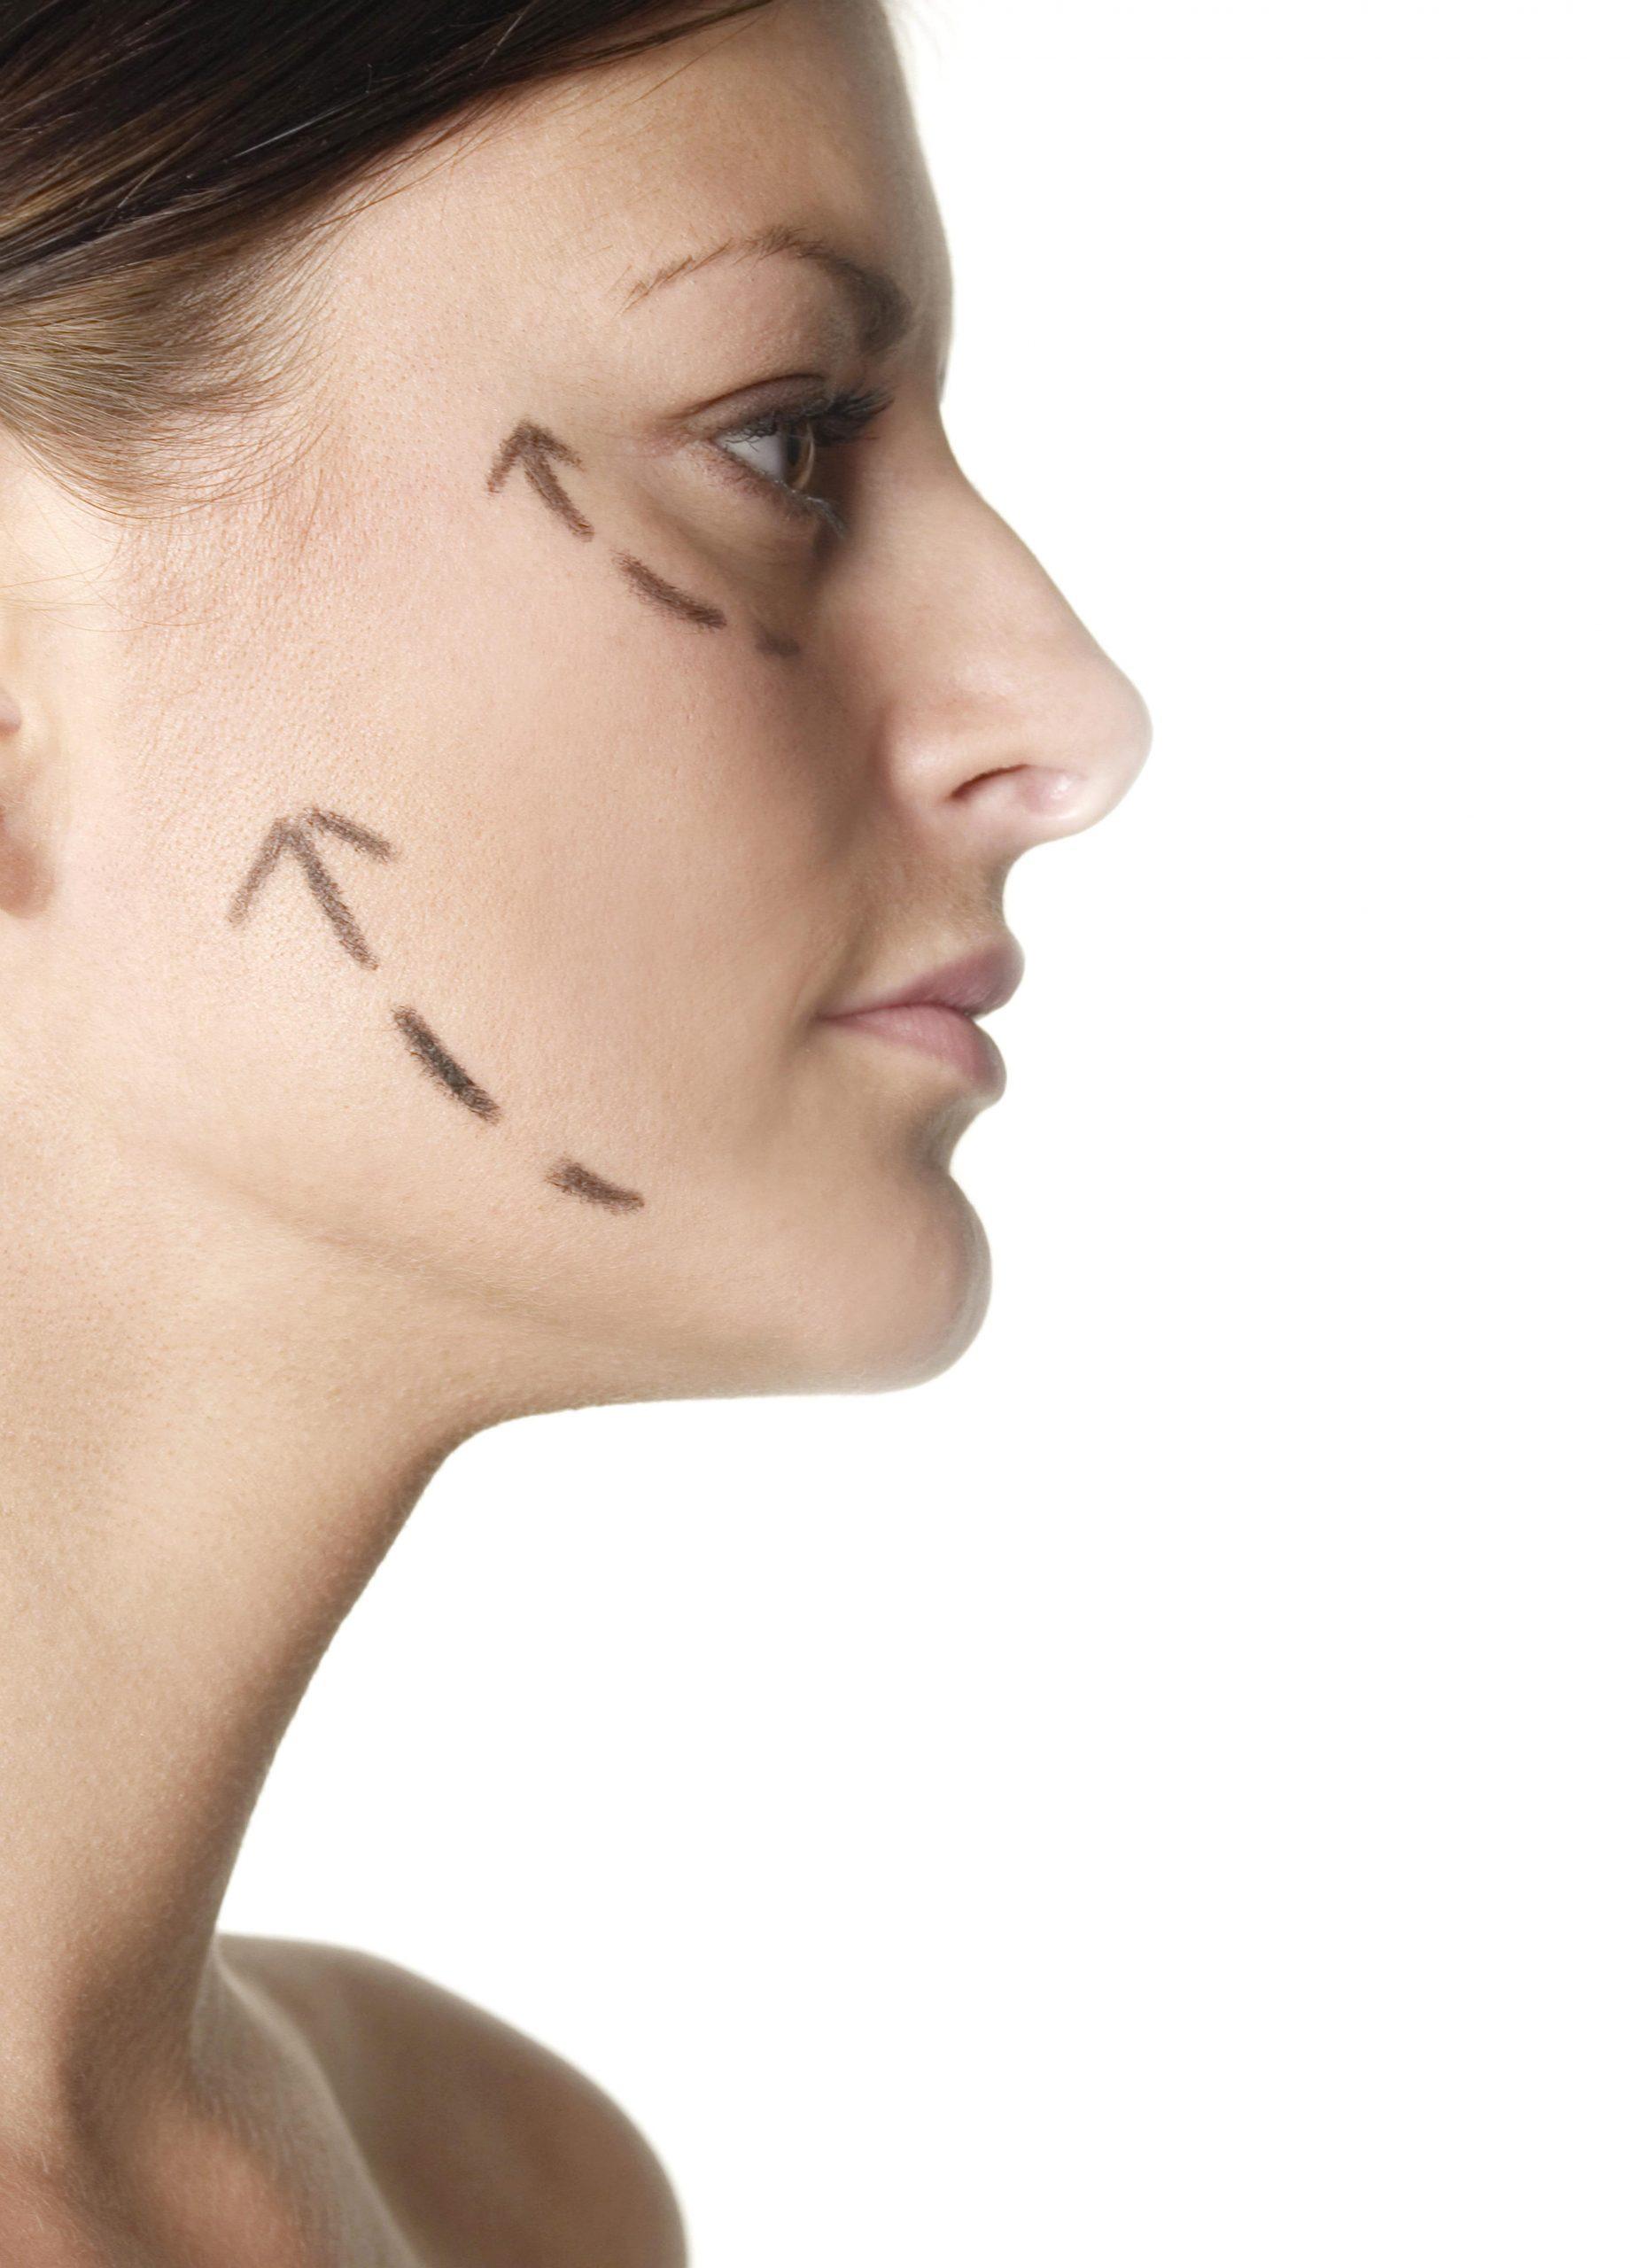 תהליך טיפול בצלוליט